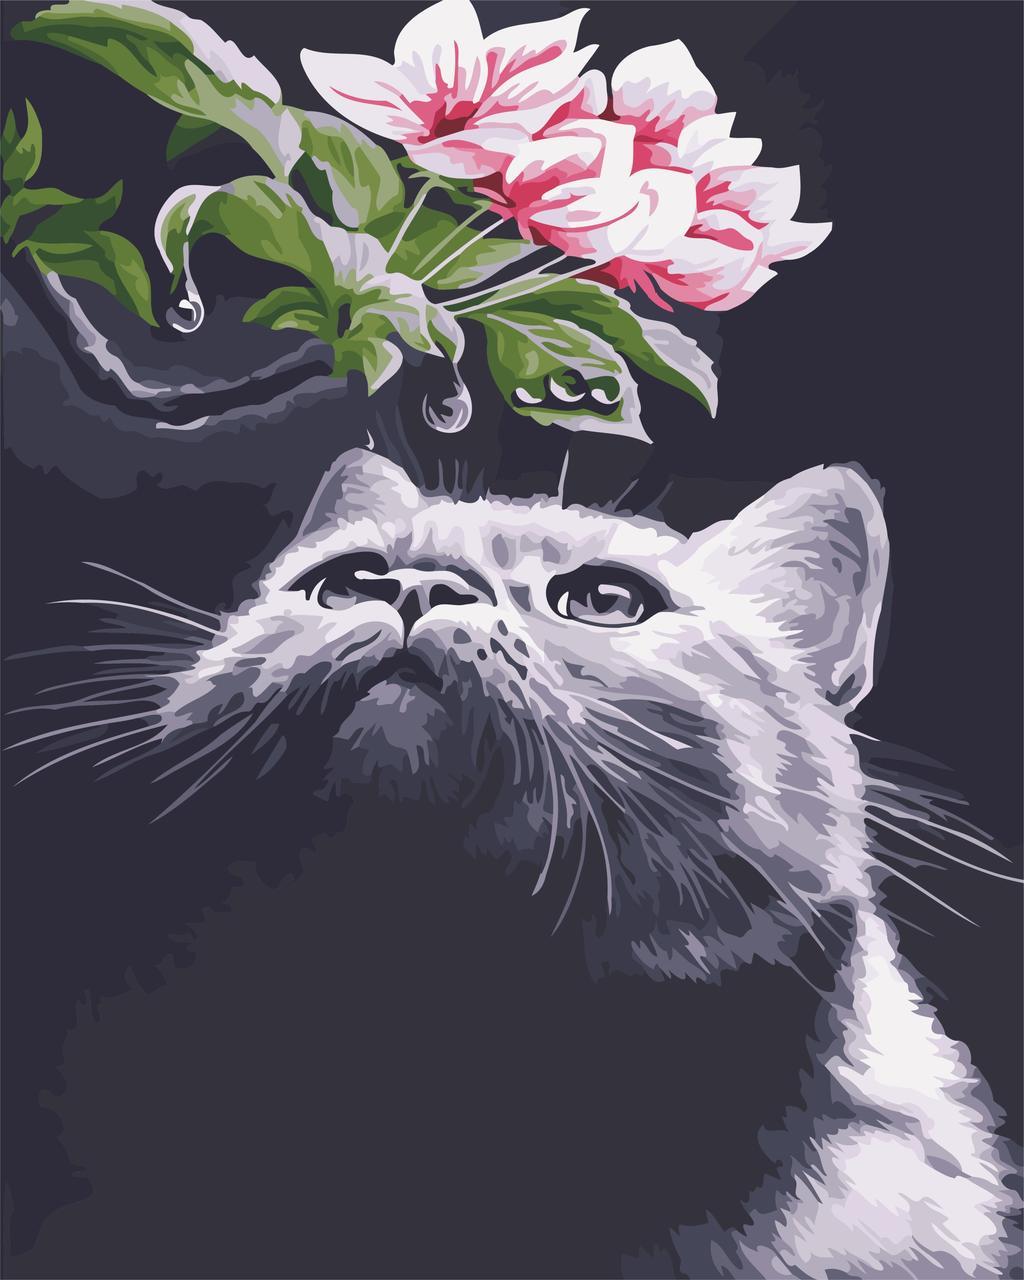 AS0551 Картина-набор по номерам Кот и магнолия, В картонной коробке